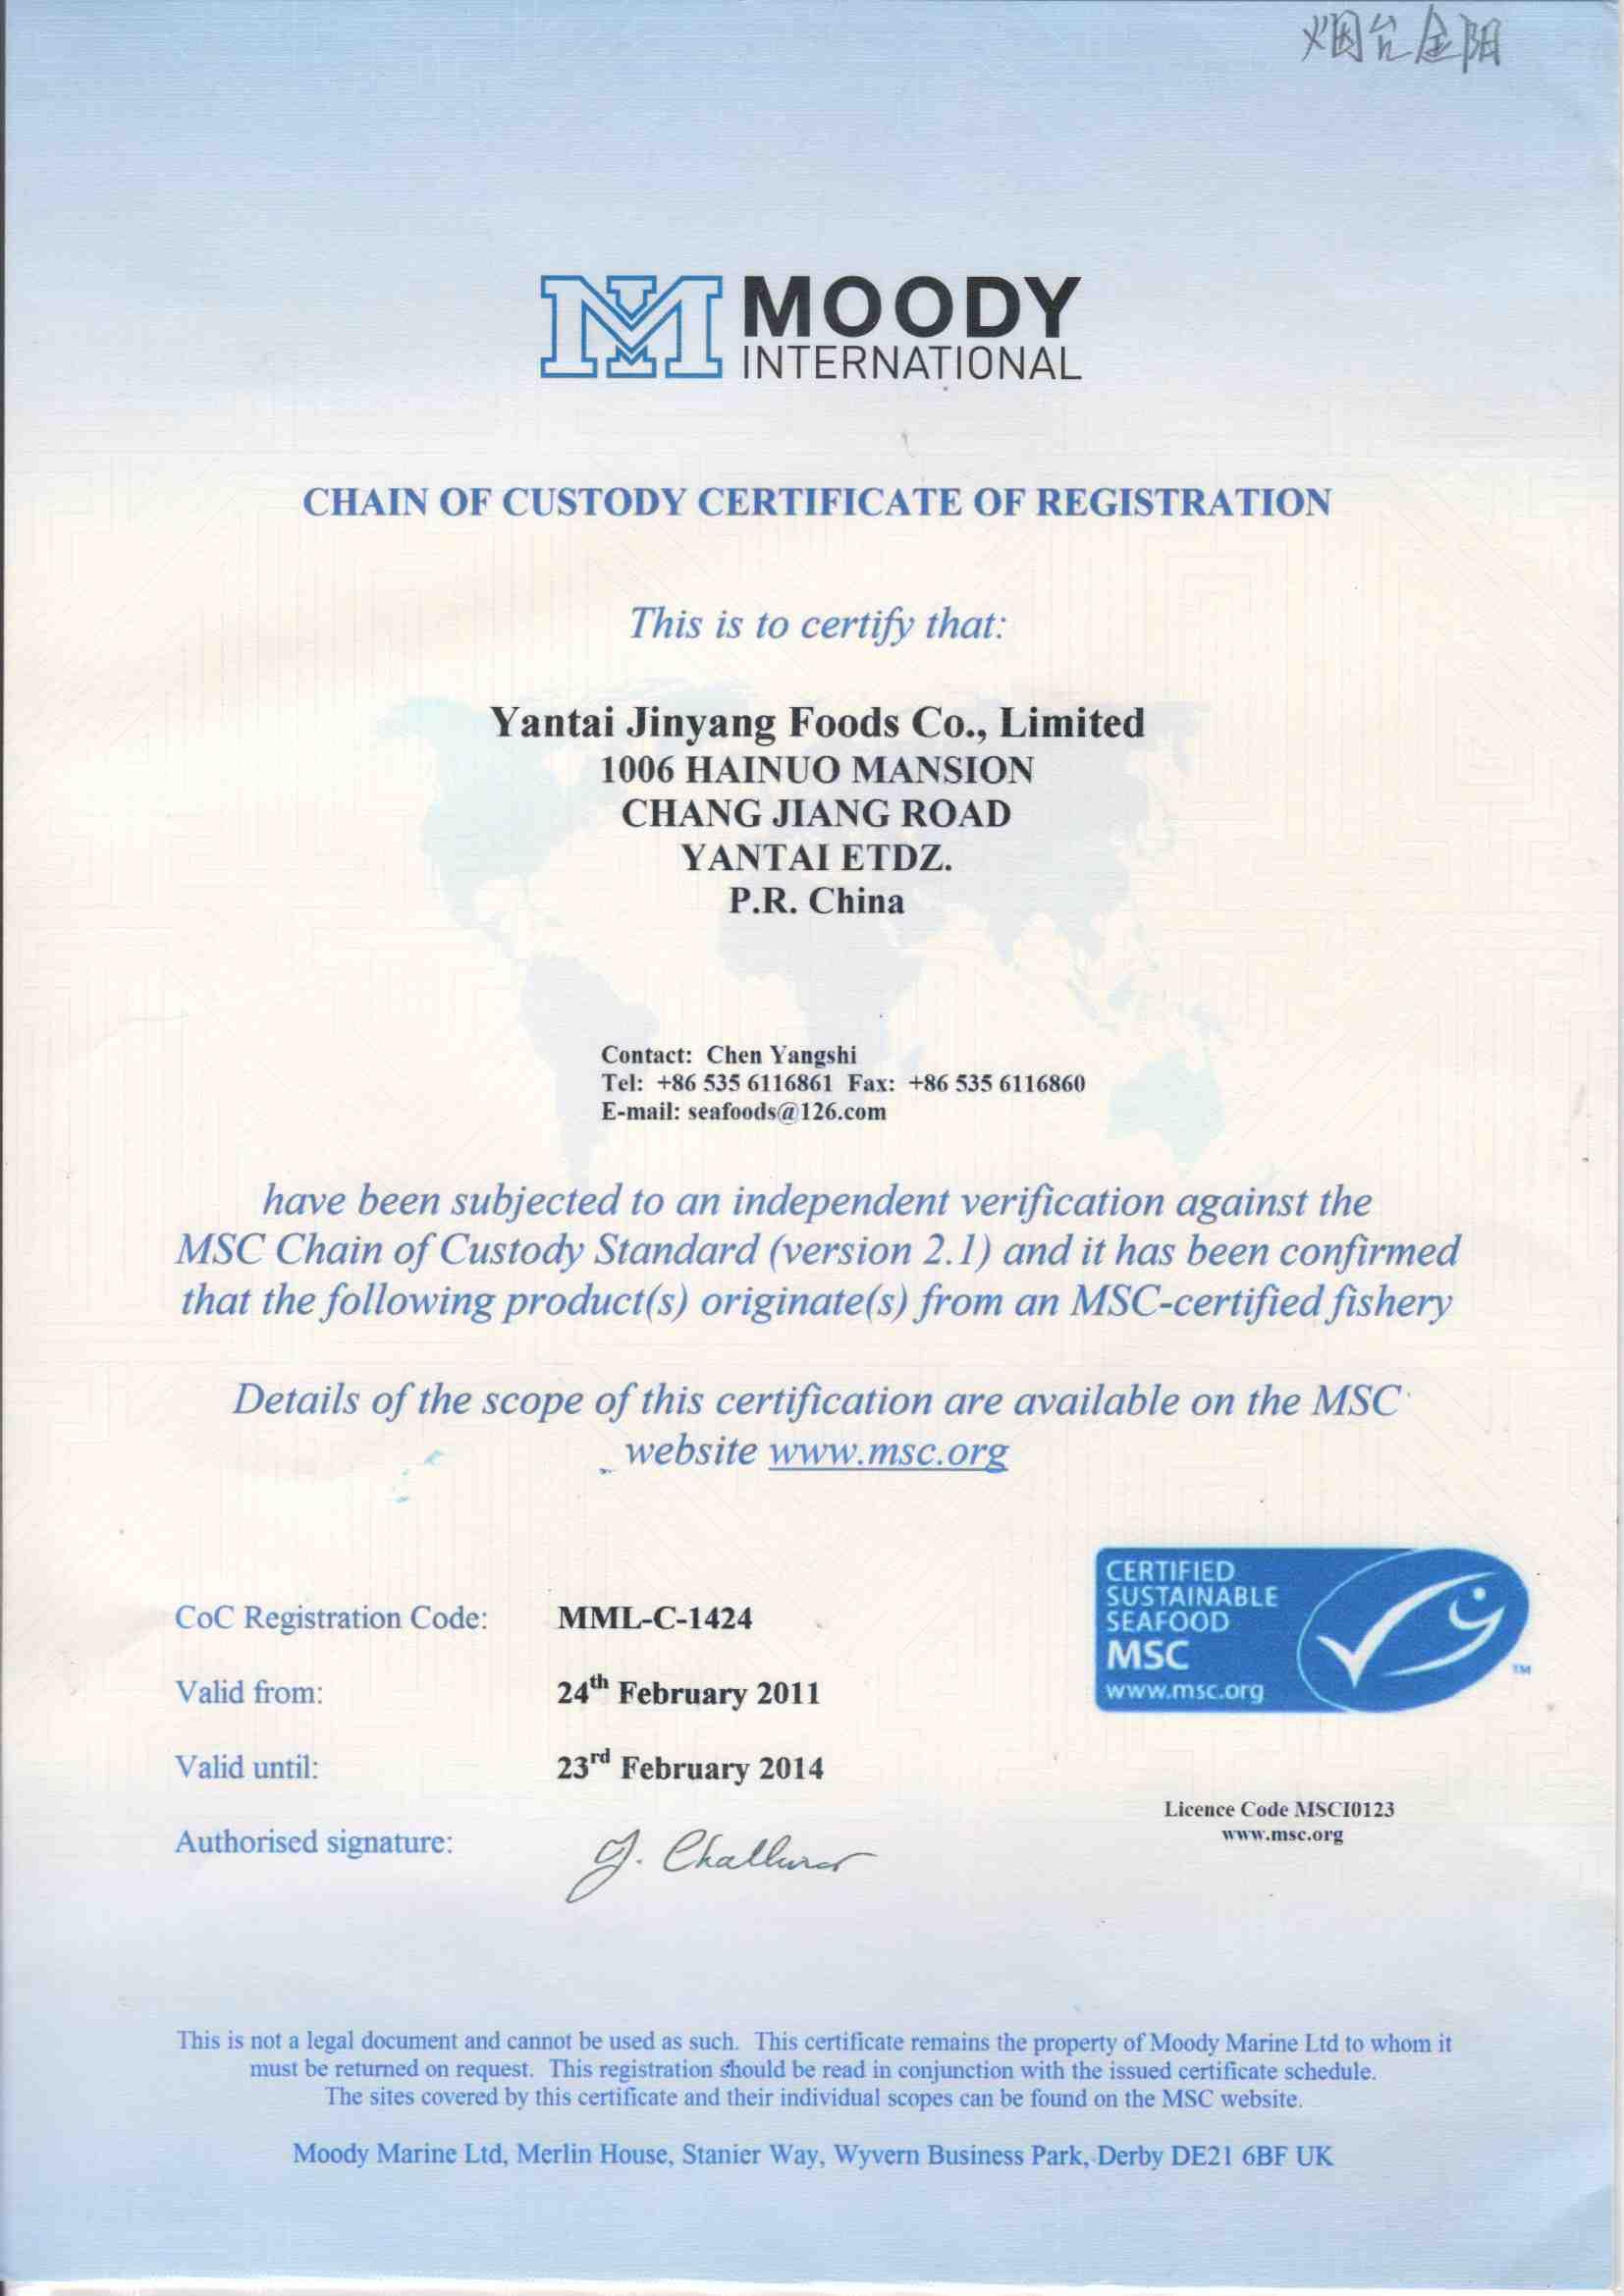 Yantai jinyang foods colimited yantai jinyang msc certificate code mml c 1424 valid date february 2014 xflitez Choice Image